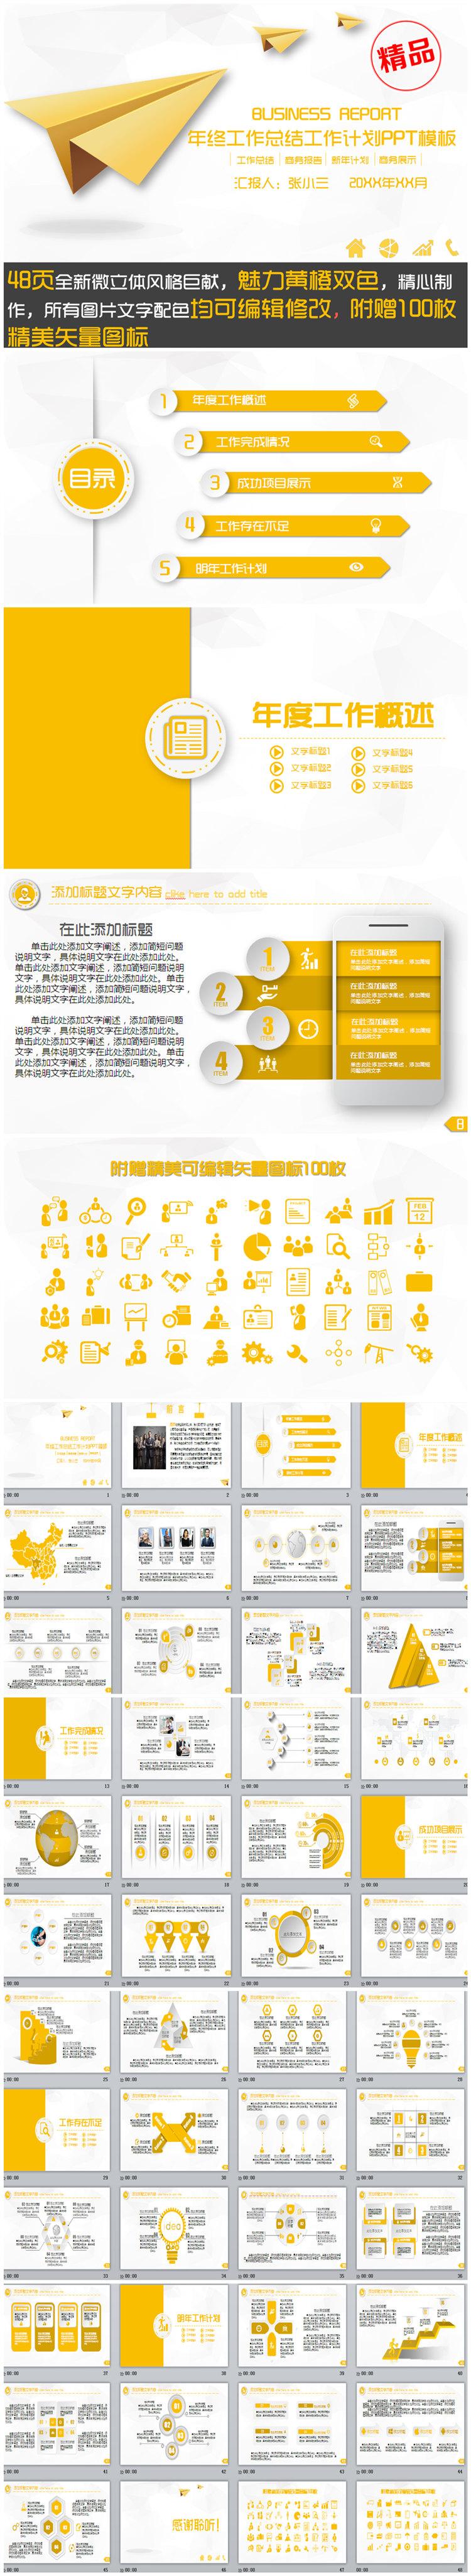 50页创意纸飞机工作总结述职报告ppt|ppt/演示|平面